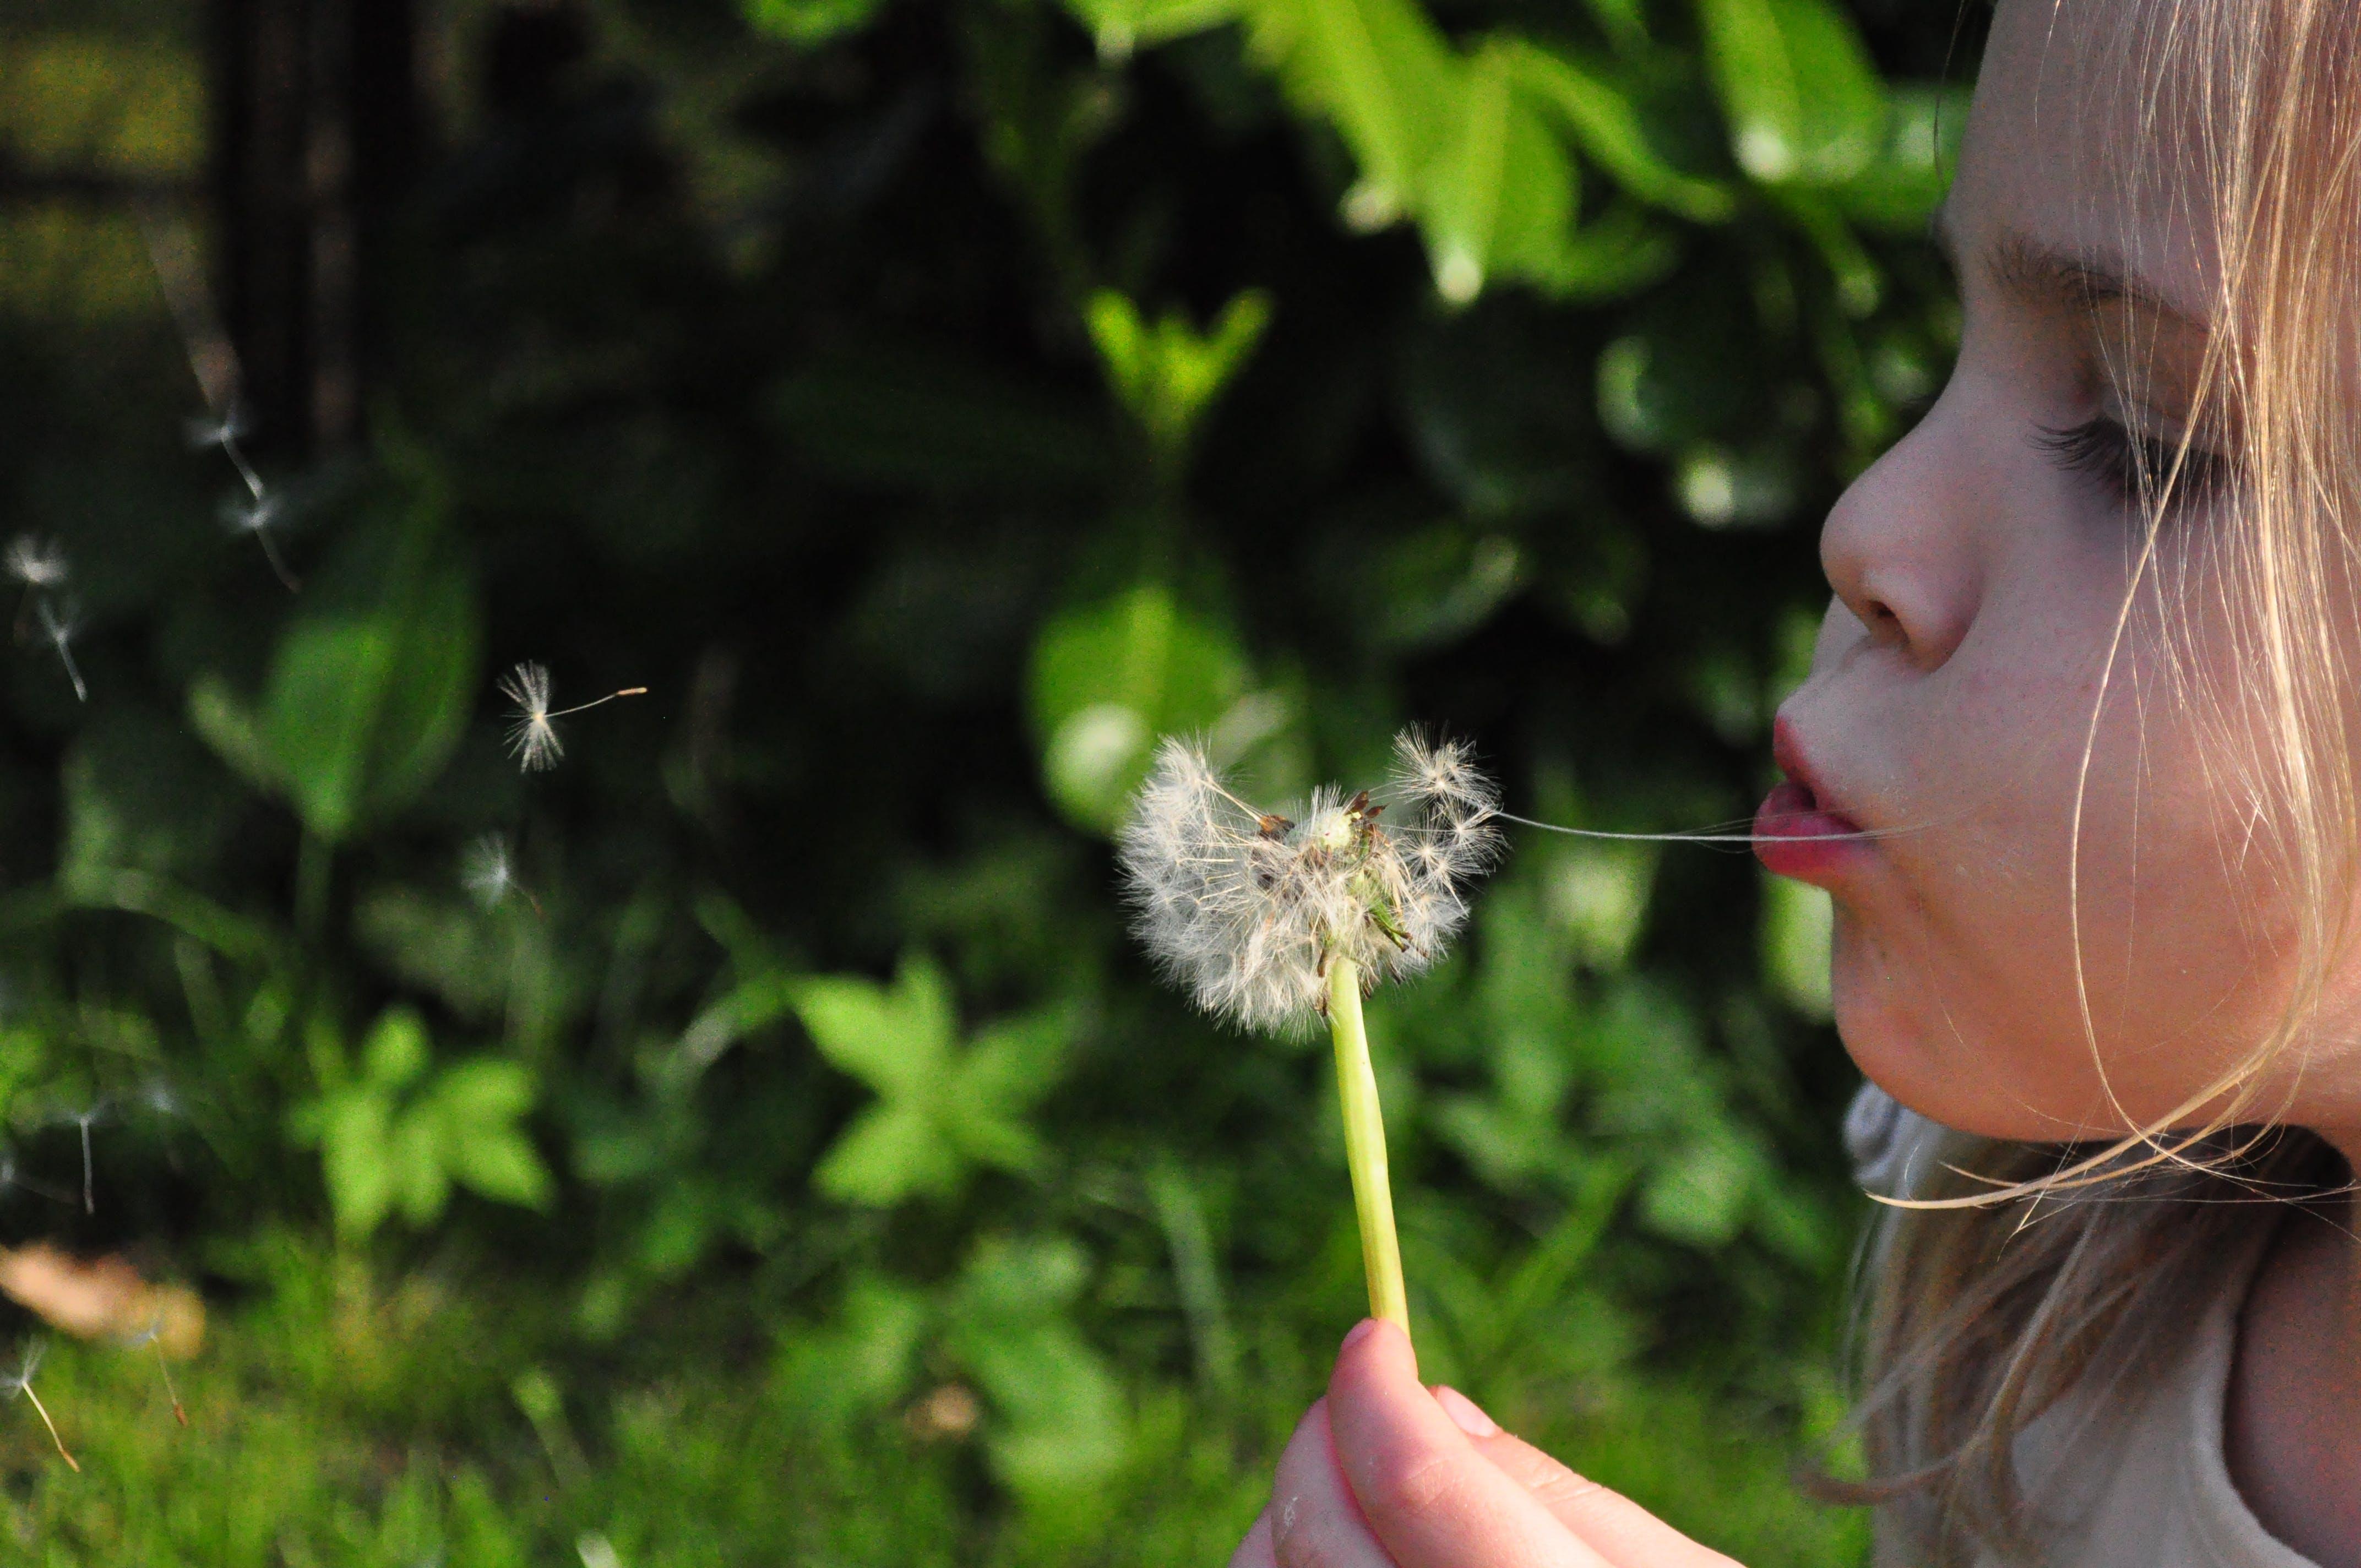 Gratis stockfoto met blazen, bloem, iemand, jong